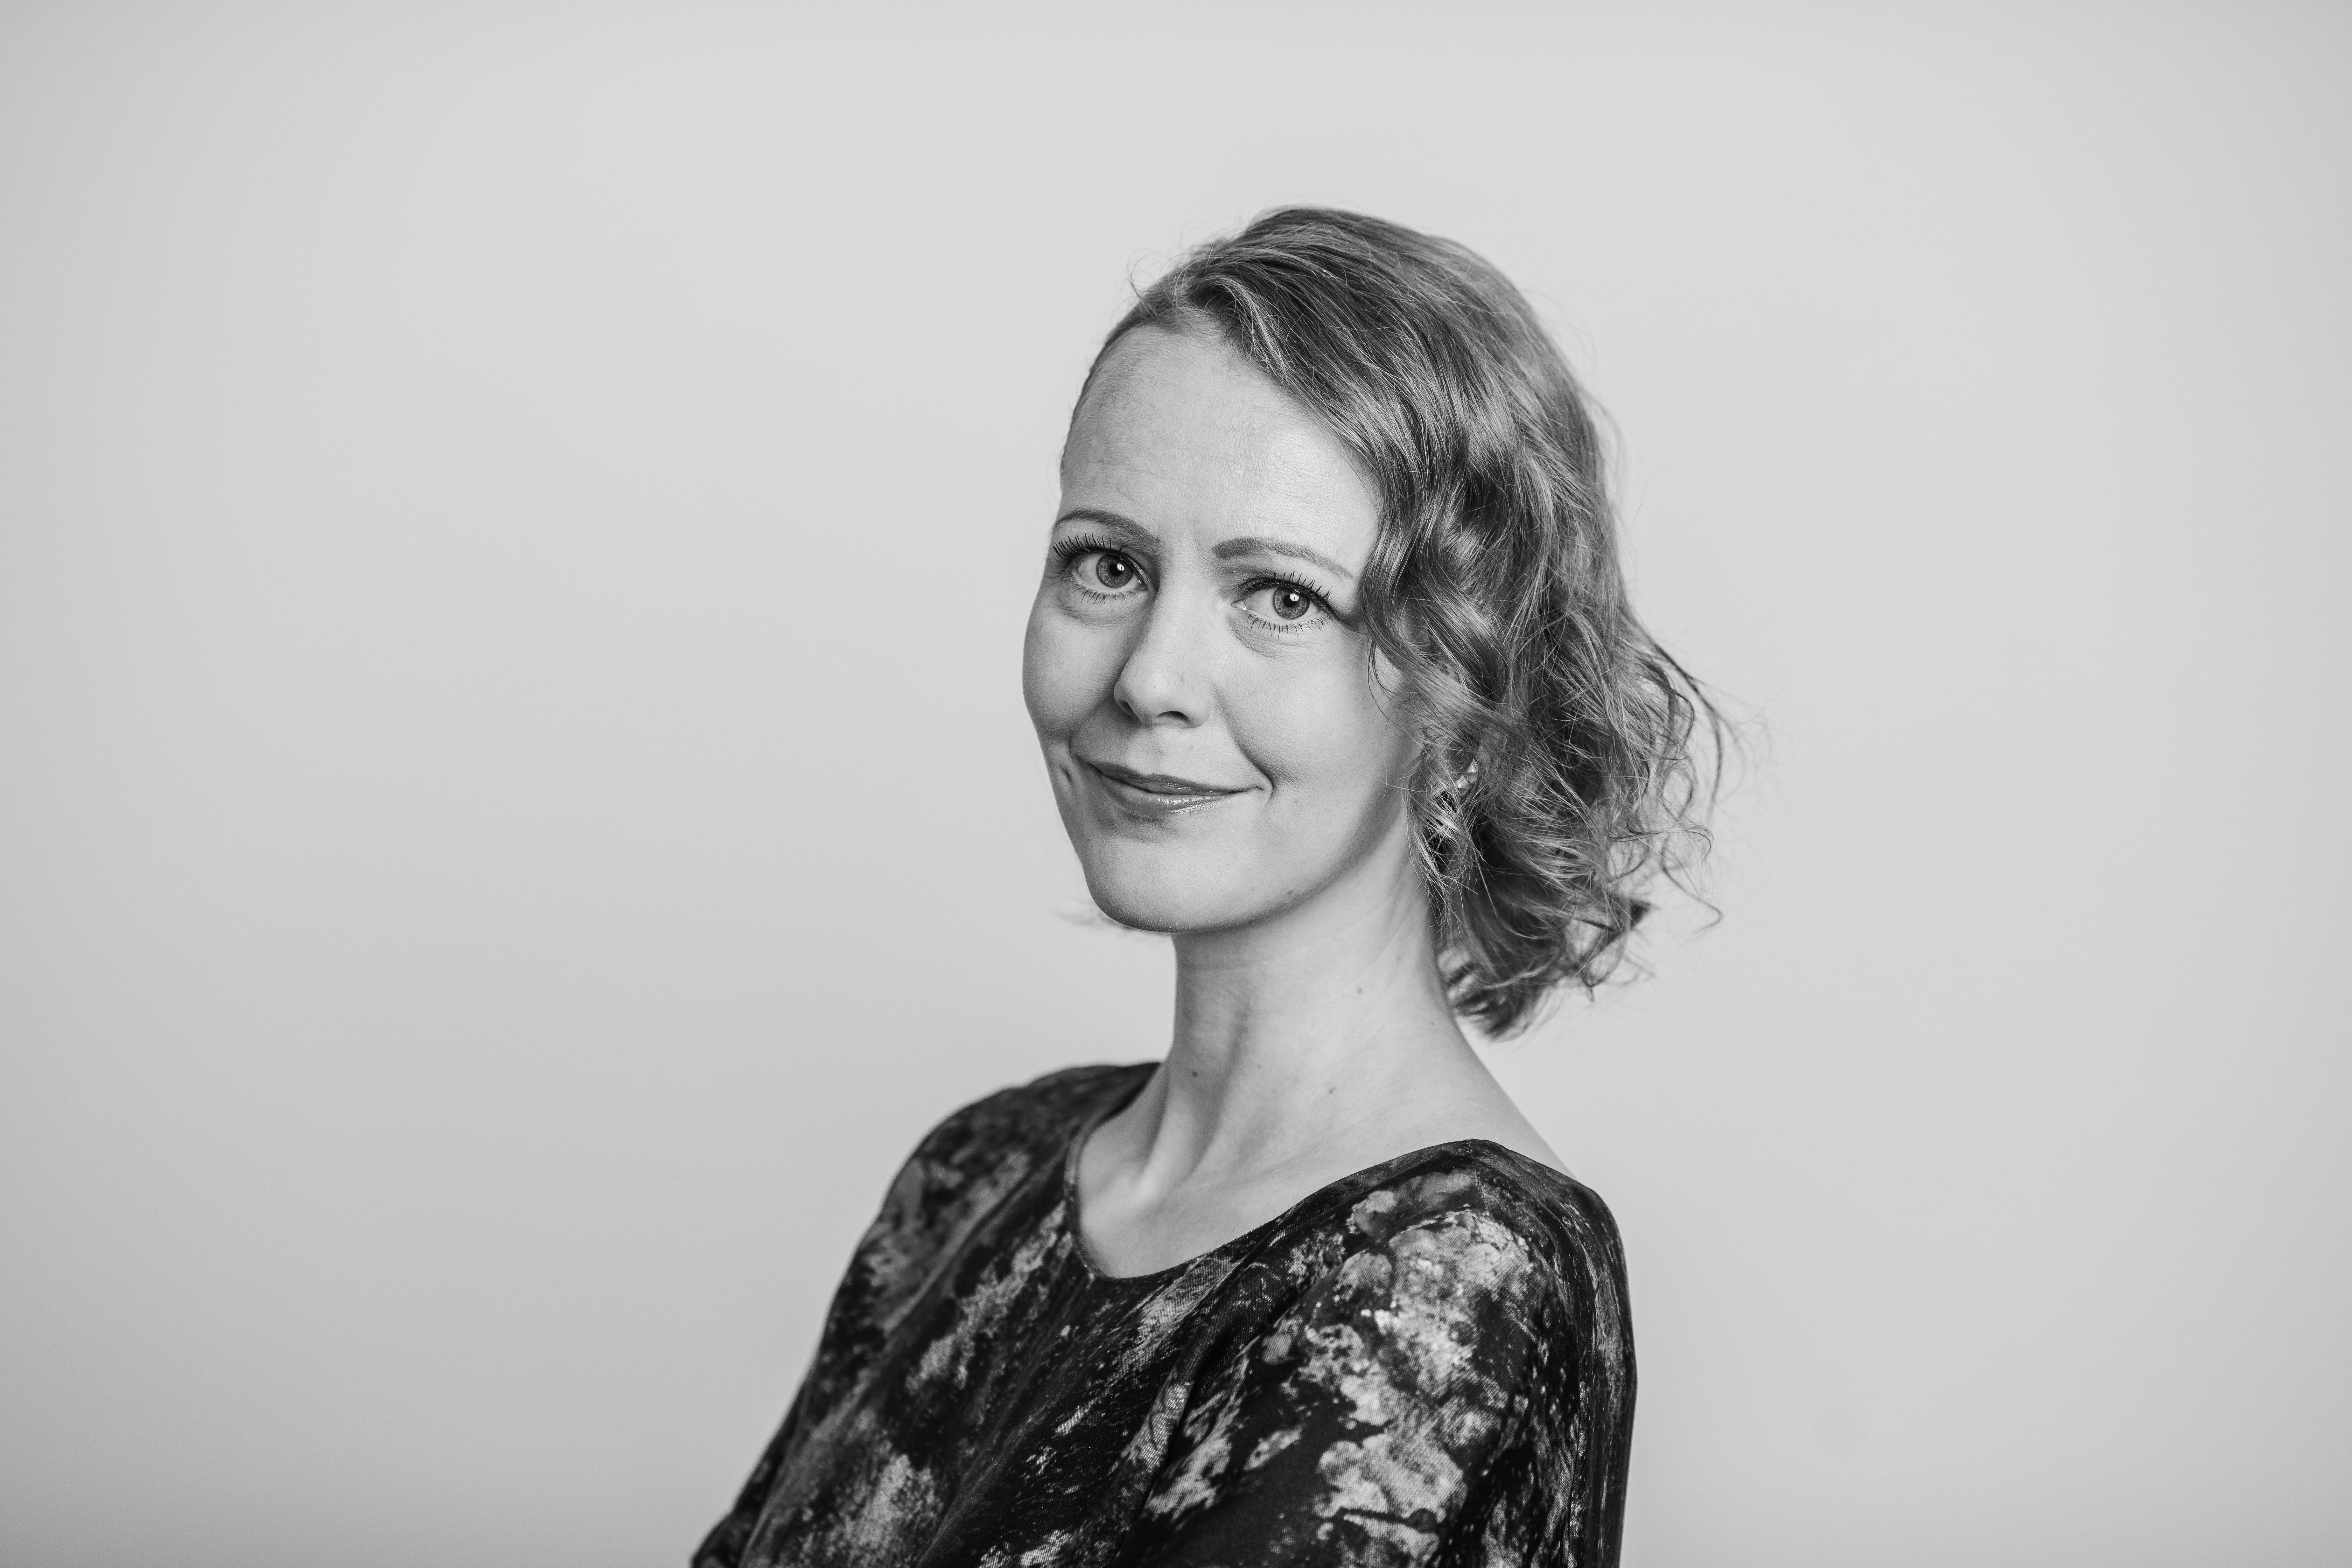 Vastuullisuus ja kiertotalous ovat johtajavan asiantuntijan Satumaija Mäen työn pääteemoja. Kuva: Aleksi Poutanen